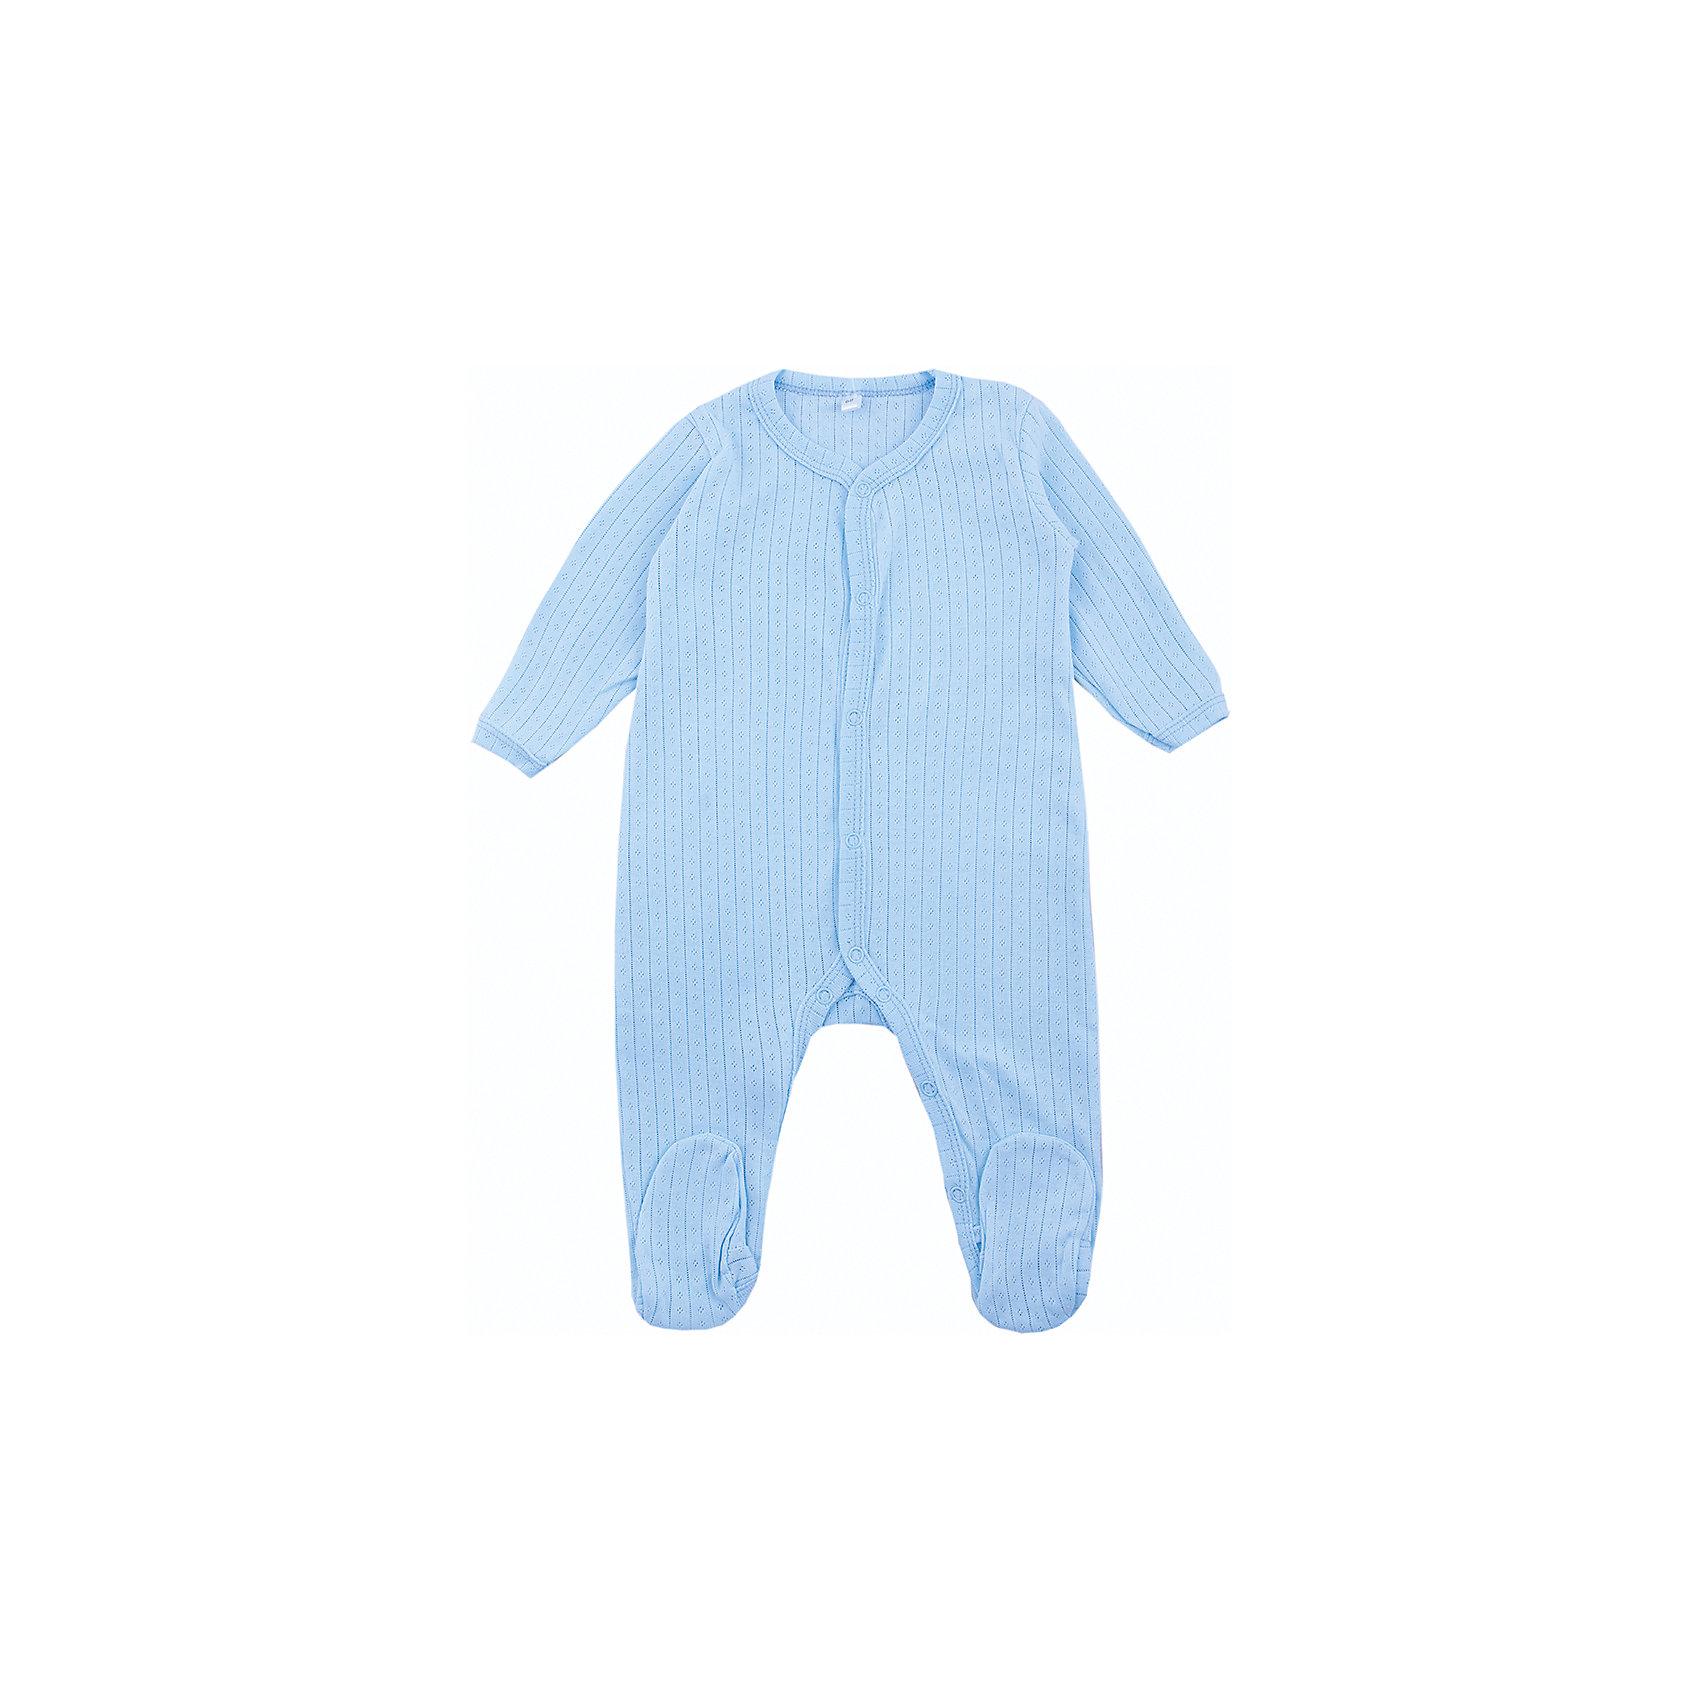 Комбинезон для мальчика Soni KidsКомбинезон для мальчика от популярной марки Soni Kids<br><br>Мягкий дышащий комбинезон создан специально для самых маленьких. Он обеспечит ребенку удобство, не будет натирать,  а также позволит коже дышать.<br><br>Особенности модели:<br><br>- цвет - голубой;<br>- материал - натуральный ажурный хлопок-рибана;<br>- рукава длинные;<br>- мягкая окантовка;<br>- застежки - кнопки впереди и внизу.<br><br>Дополнительная информация:<br><br>Состав:  100% хлопок (рибана)<br><br>Габариты:<br><br>длина - 54 см;<br>длина рукава - 21.<br><br>*соответствует размеру 68<br><br>Комбинезон для мальчика от популярной марки Soni Kids (Сони Кидс) можно купить в нашем магазине.<br><br>Ширина мм: 157<br>Глубина мм: 13<br>Высота мм: 119<br>Вес г: 200<br>Цвет: голубой<br>Возраст от месяцев: 0<br>Возраст до месяцев: 3<br>Пол: Мужской<br>Возраст: Детский<br>Размер: 56,68,62,74<br>SKU: 4323214